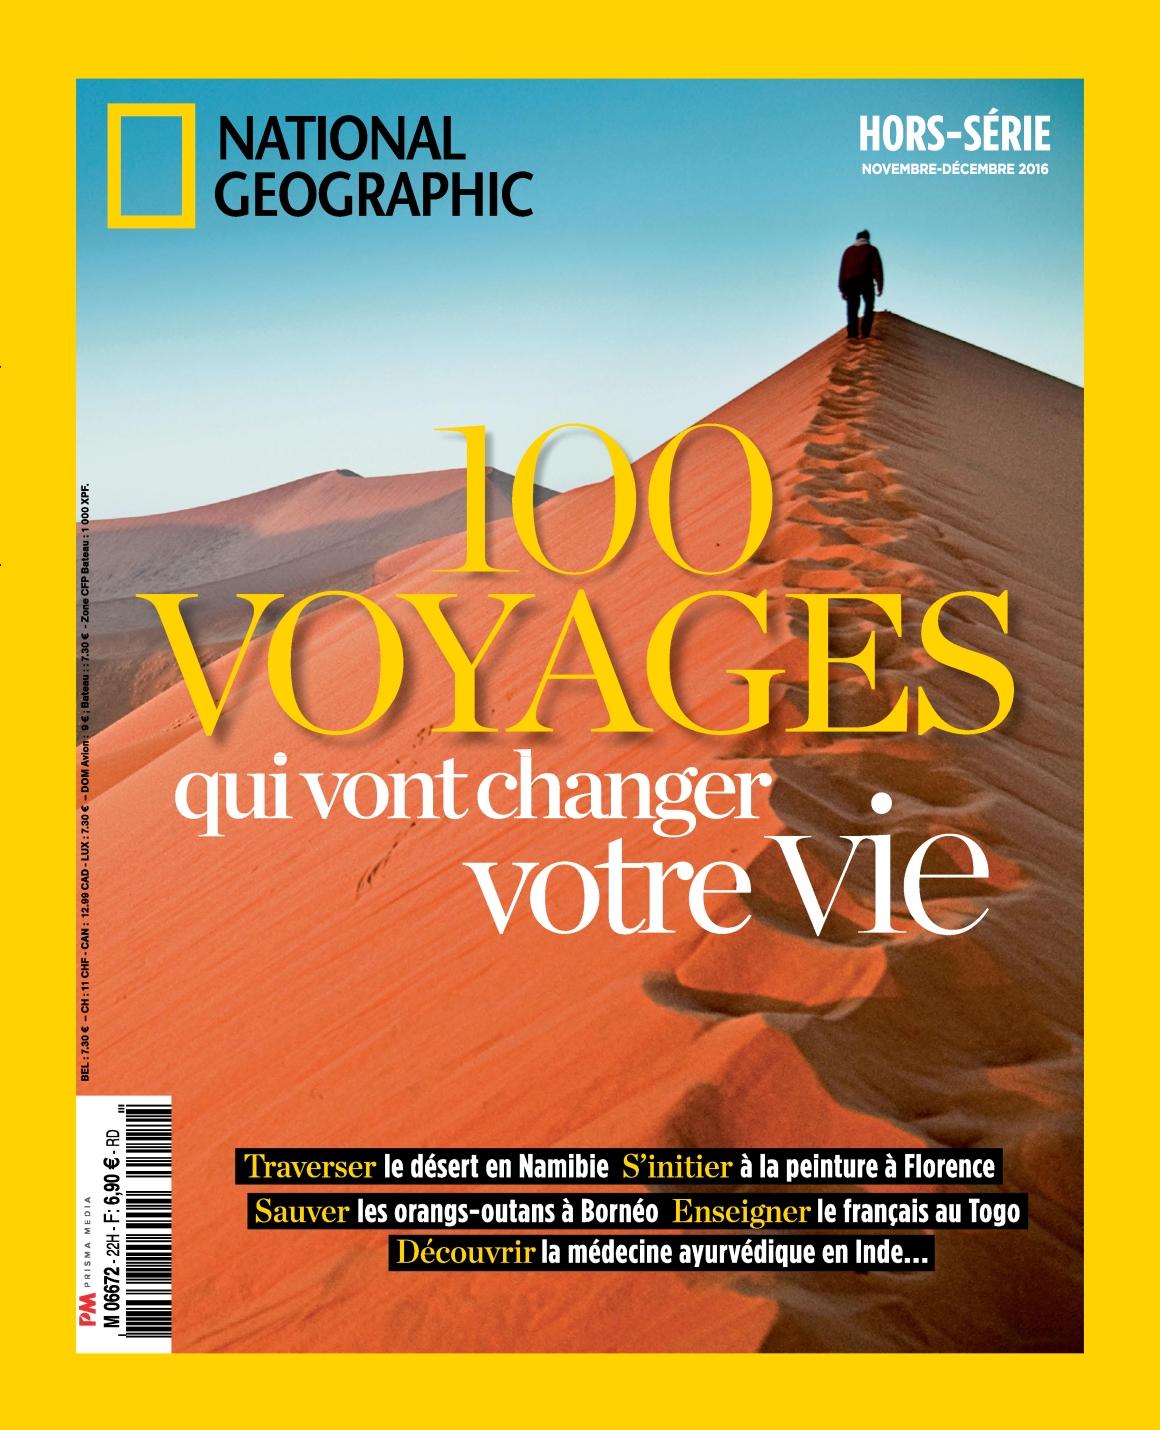 National Geographic Hors-Série N°31 - Novembre/Décembre 2016